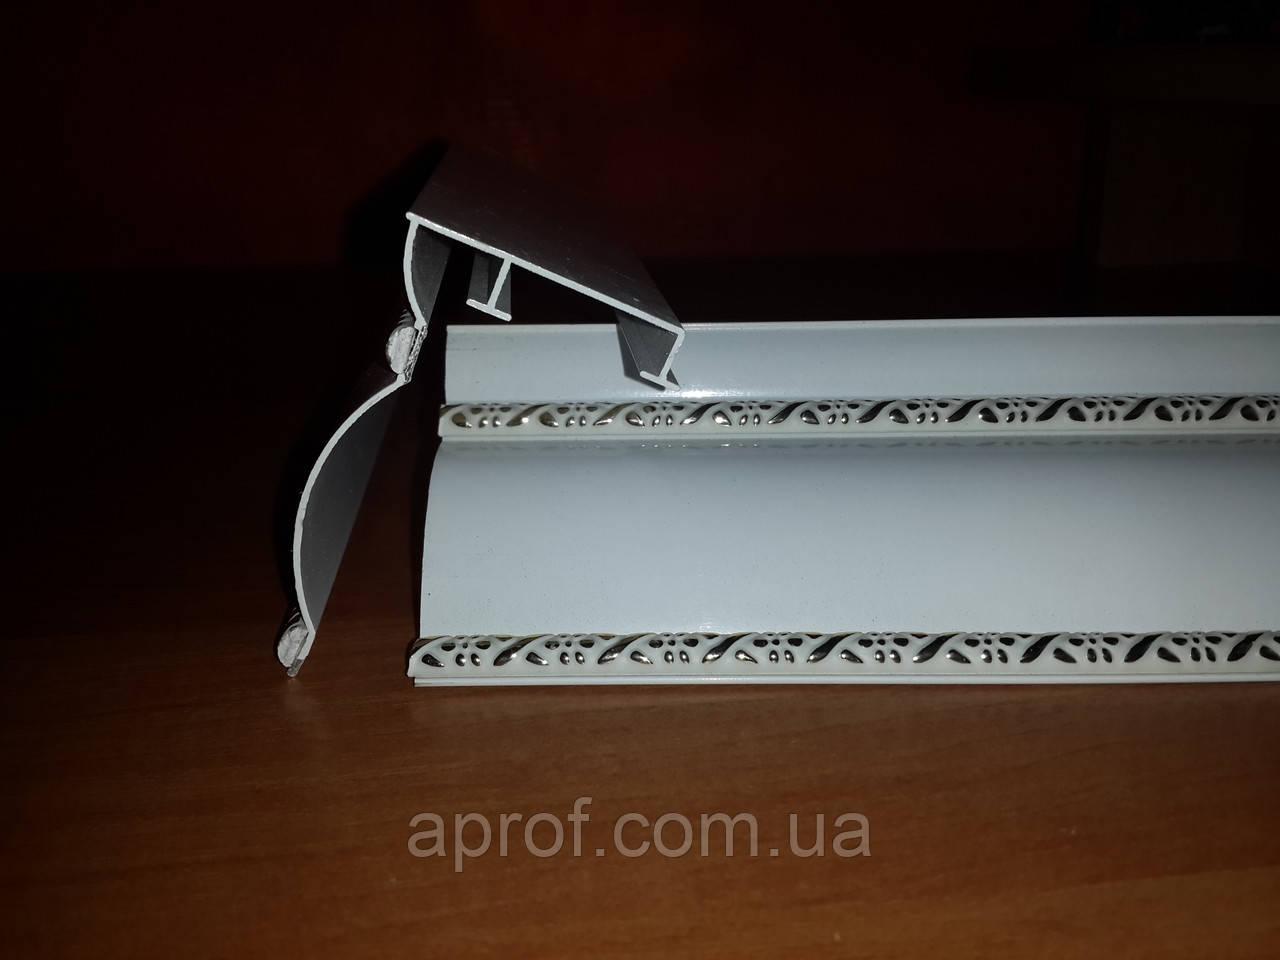 Карниз алюминиевый БПО-08 (двухрядный)